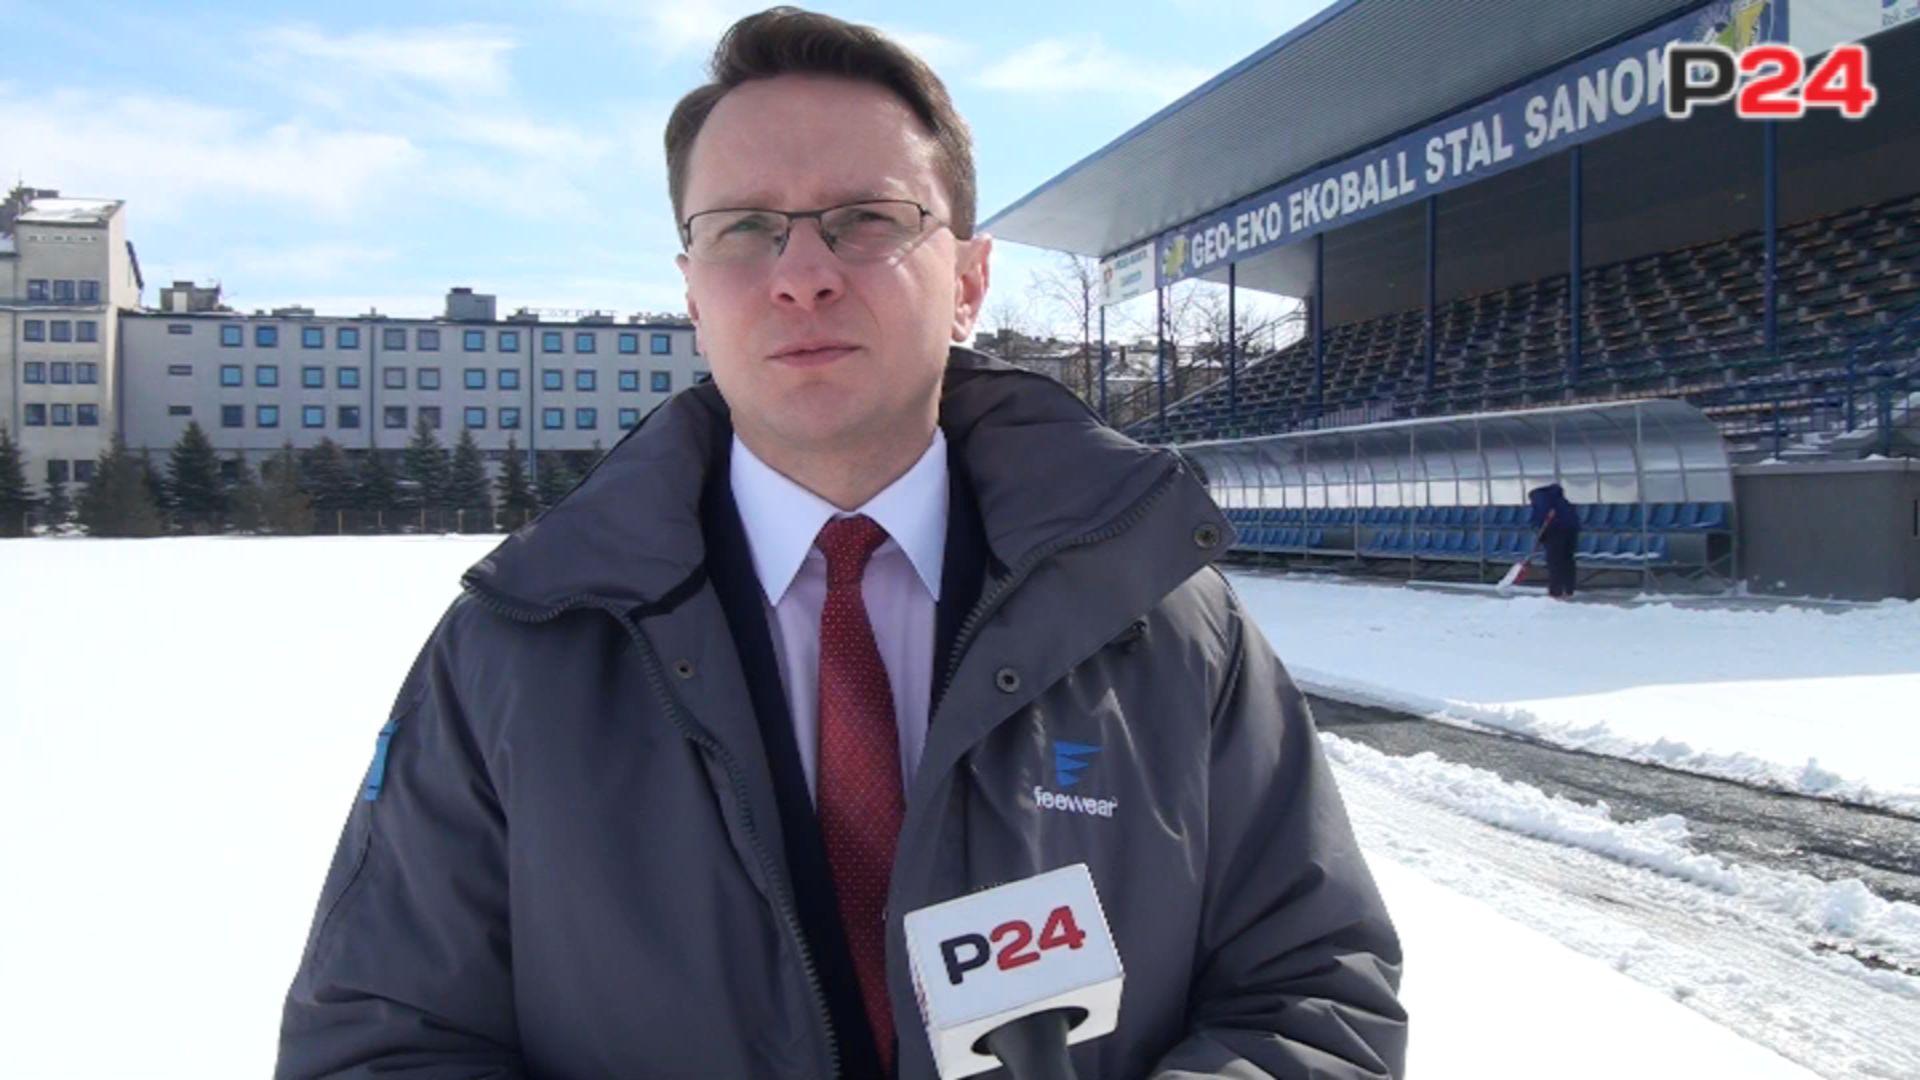 Na zdjęciu Piotr Uruski, Poseł na Sejm RP i jednocześnie członek Sejmowej Komisji Kultury Fizycznej, Sportu i Turystyki